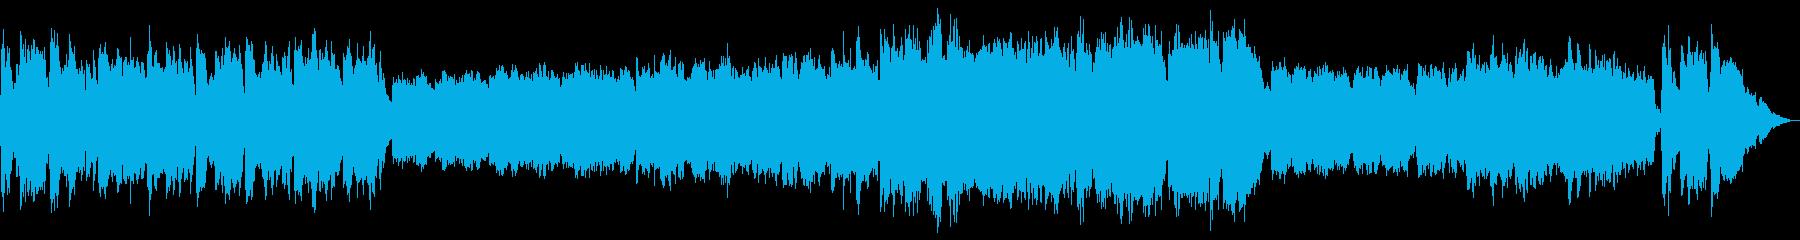 序章の再生済みの波形